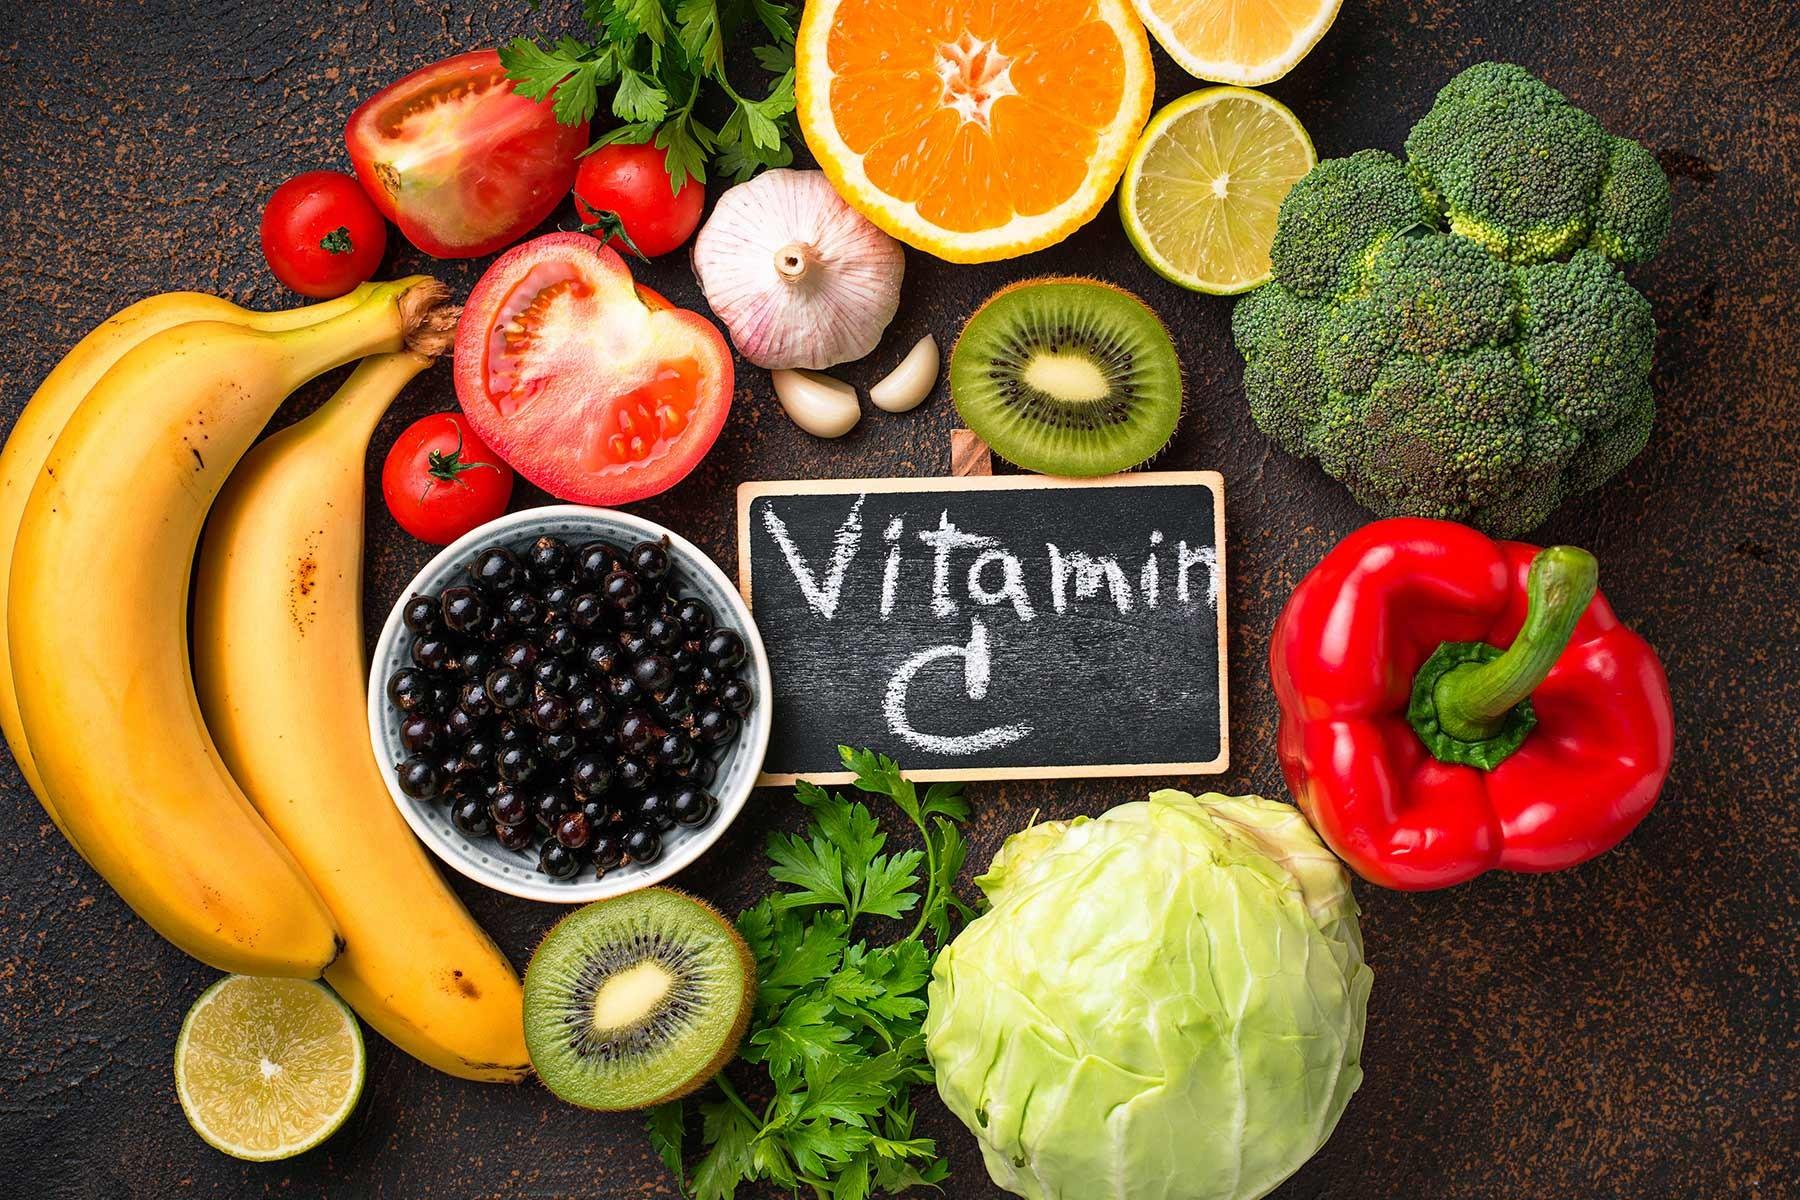 Rafforzare il sistema immunitario - 12 modi semplici e naturali